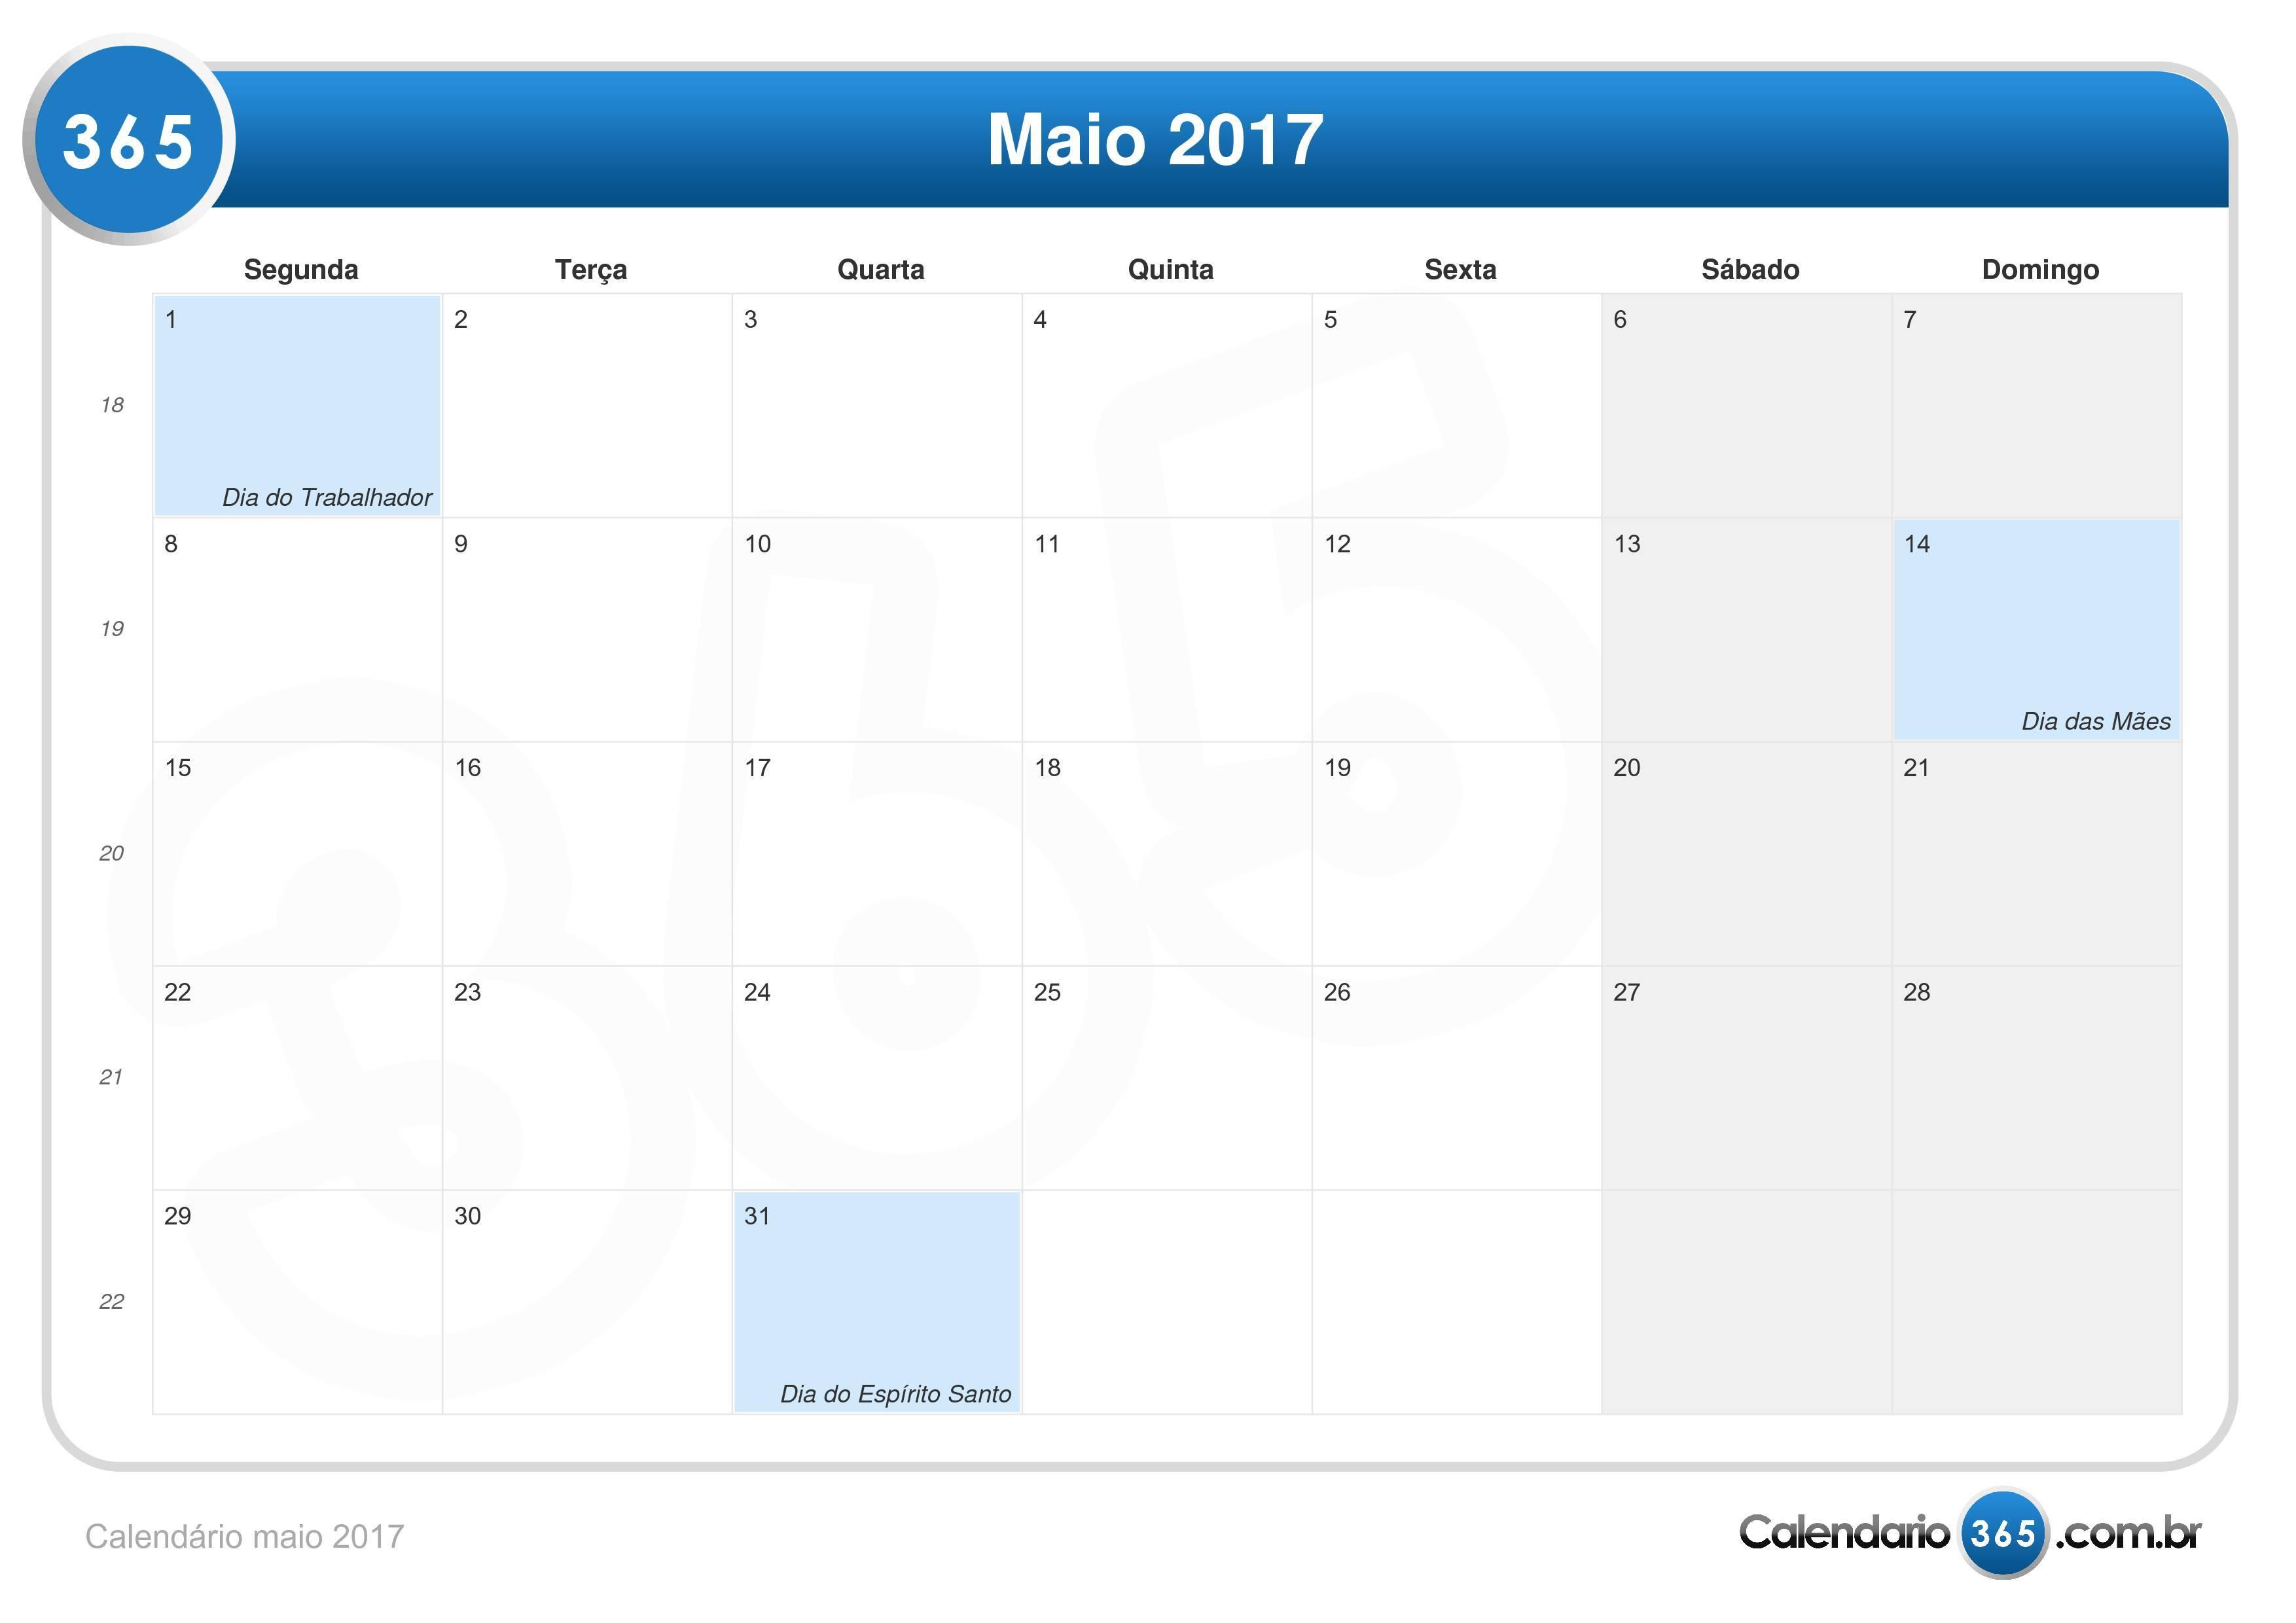 Calendario Maio 2017